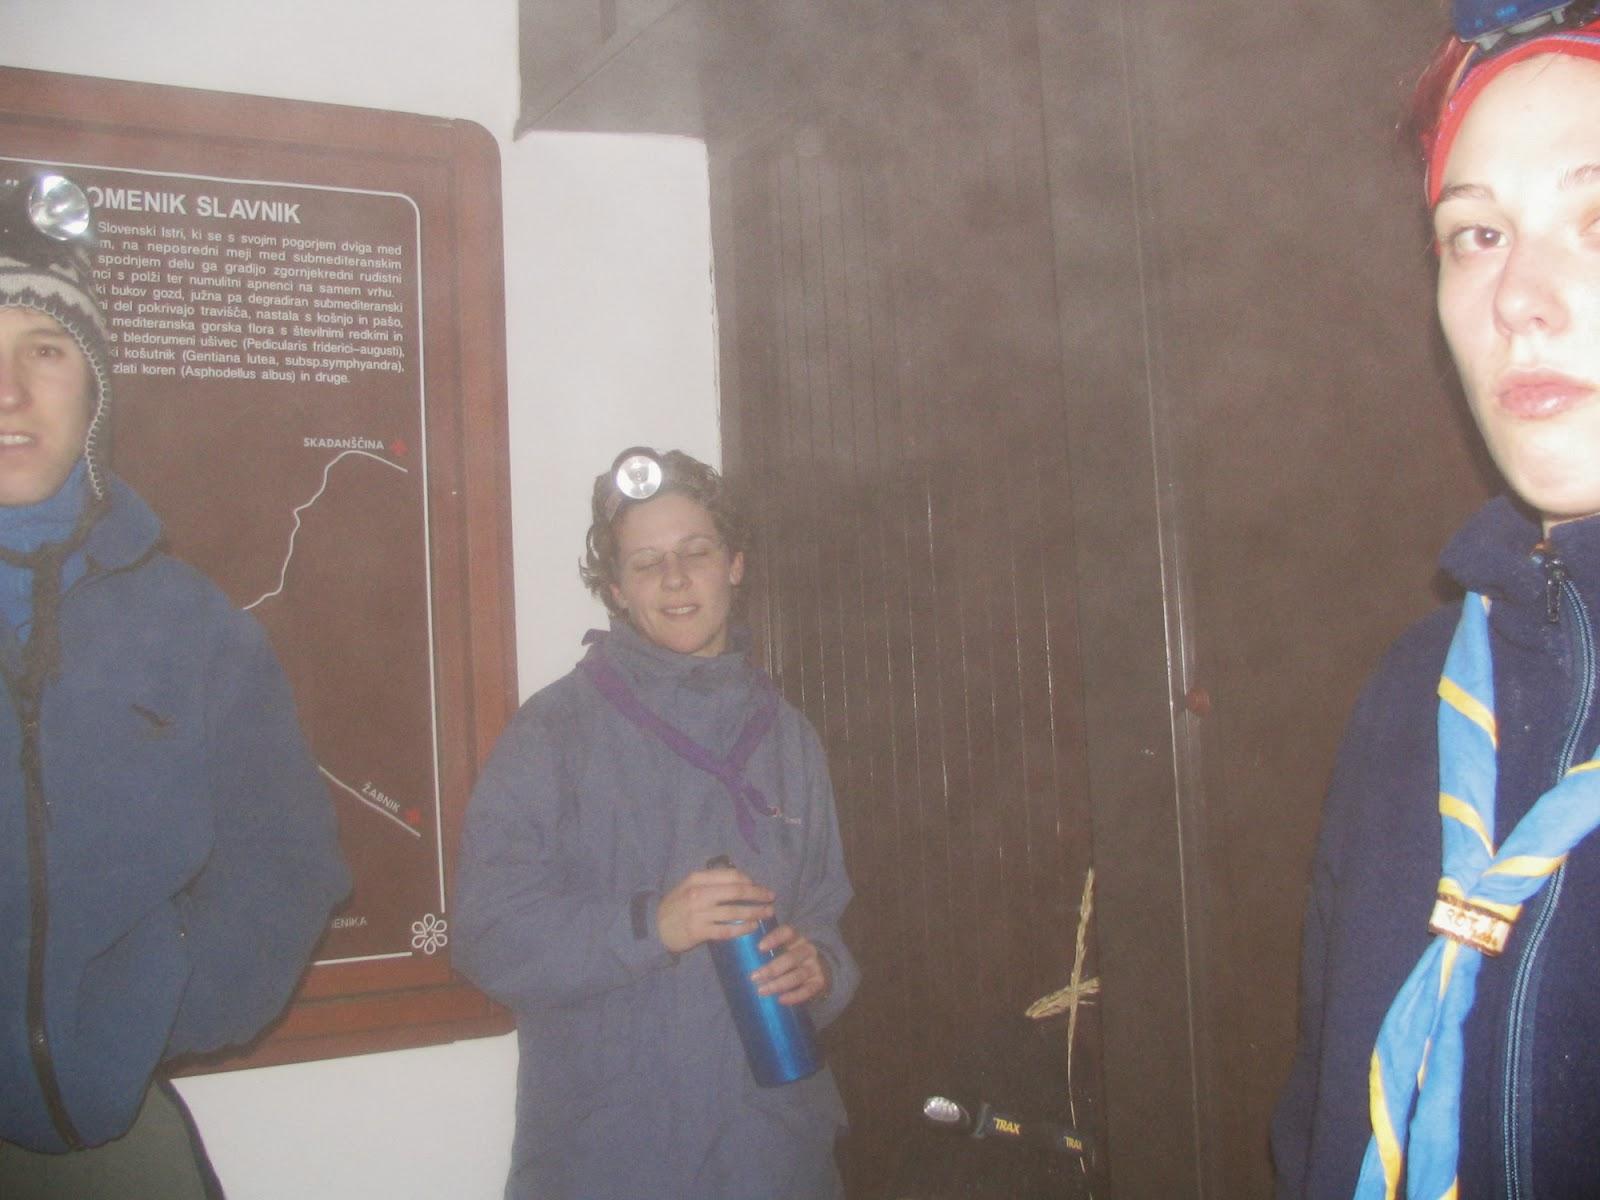 Pohod Slavnik, Slavnik 2004 - IMG_0026.JPG